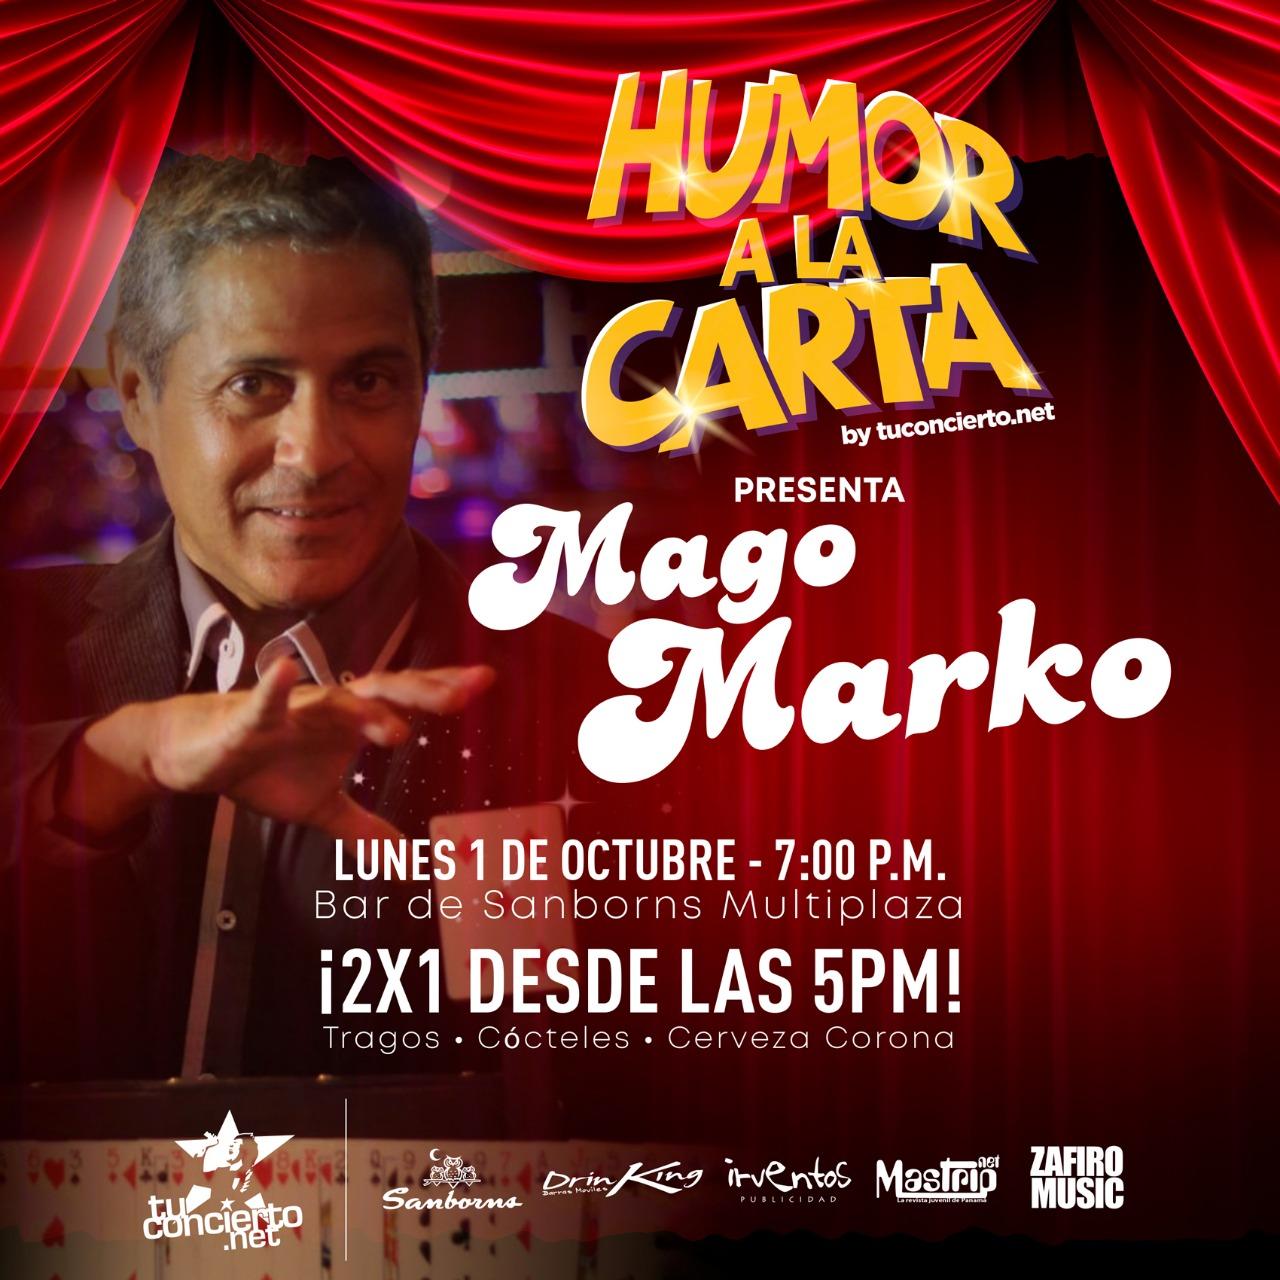 Photo of Humor a la Carta by @tuconcierto presenta Mago Marko